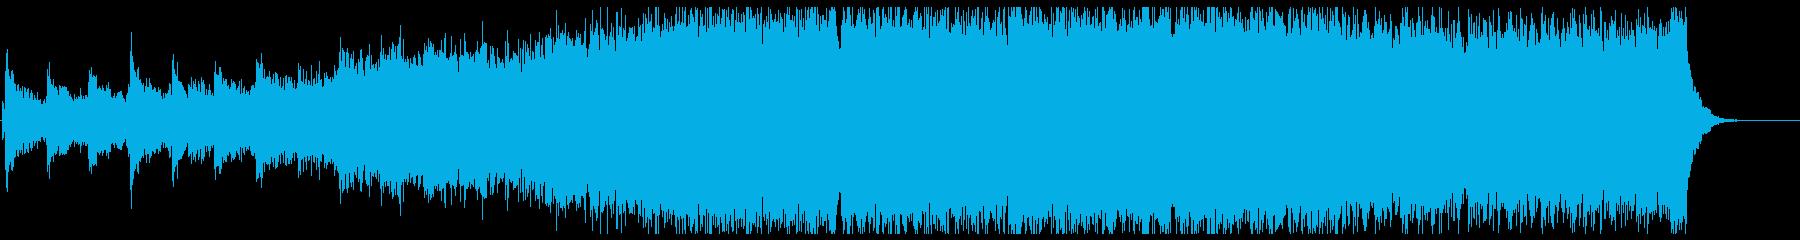 栄光を称えるエピックオーケストラの再生済みの波形